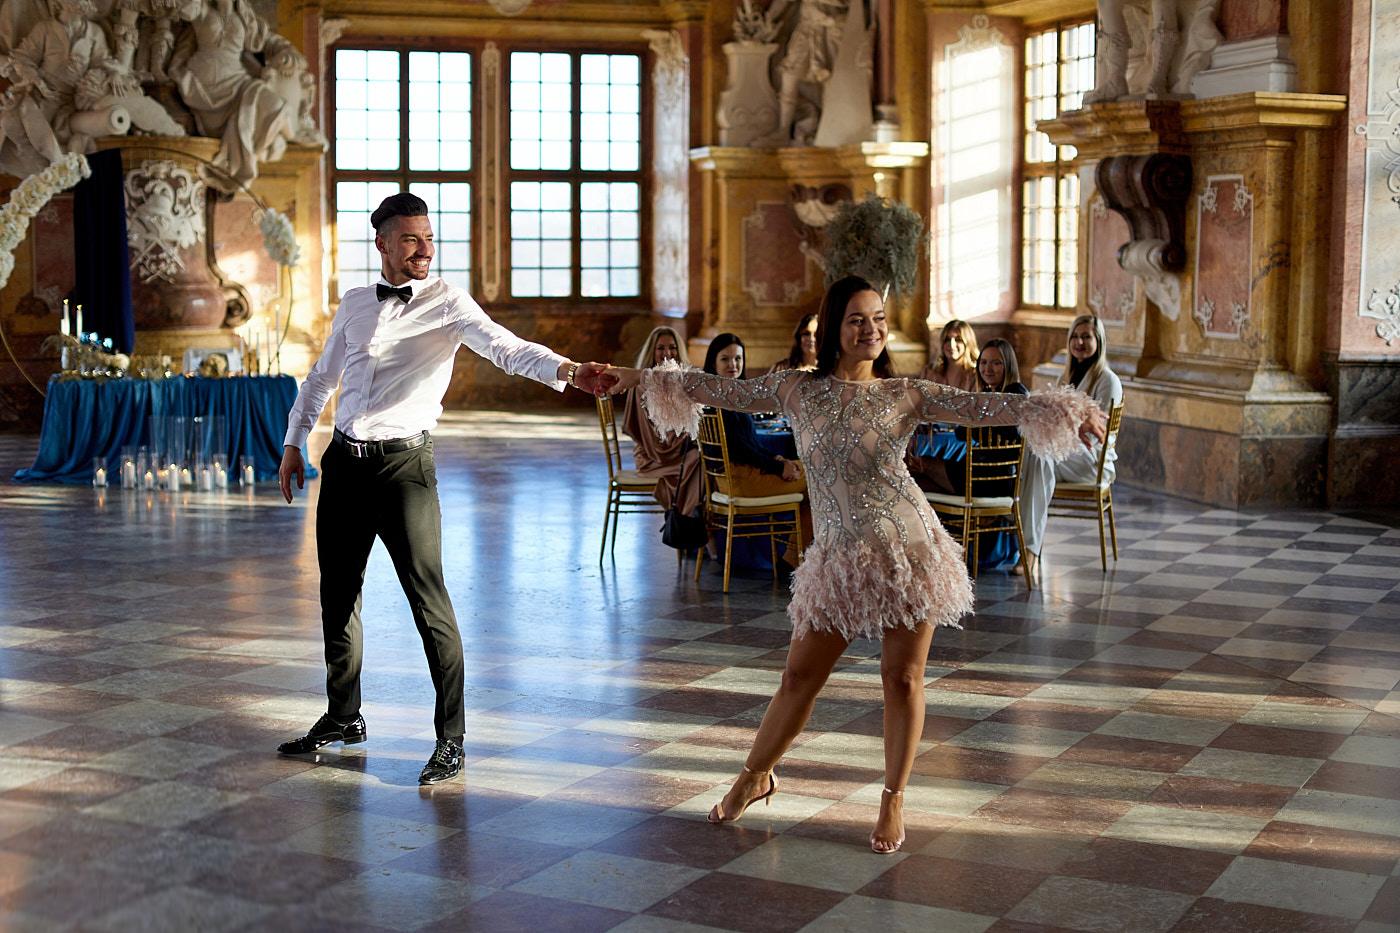 wyjątkowy ślub - pierwszy taniec - fotograf ślubny wrocław